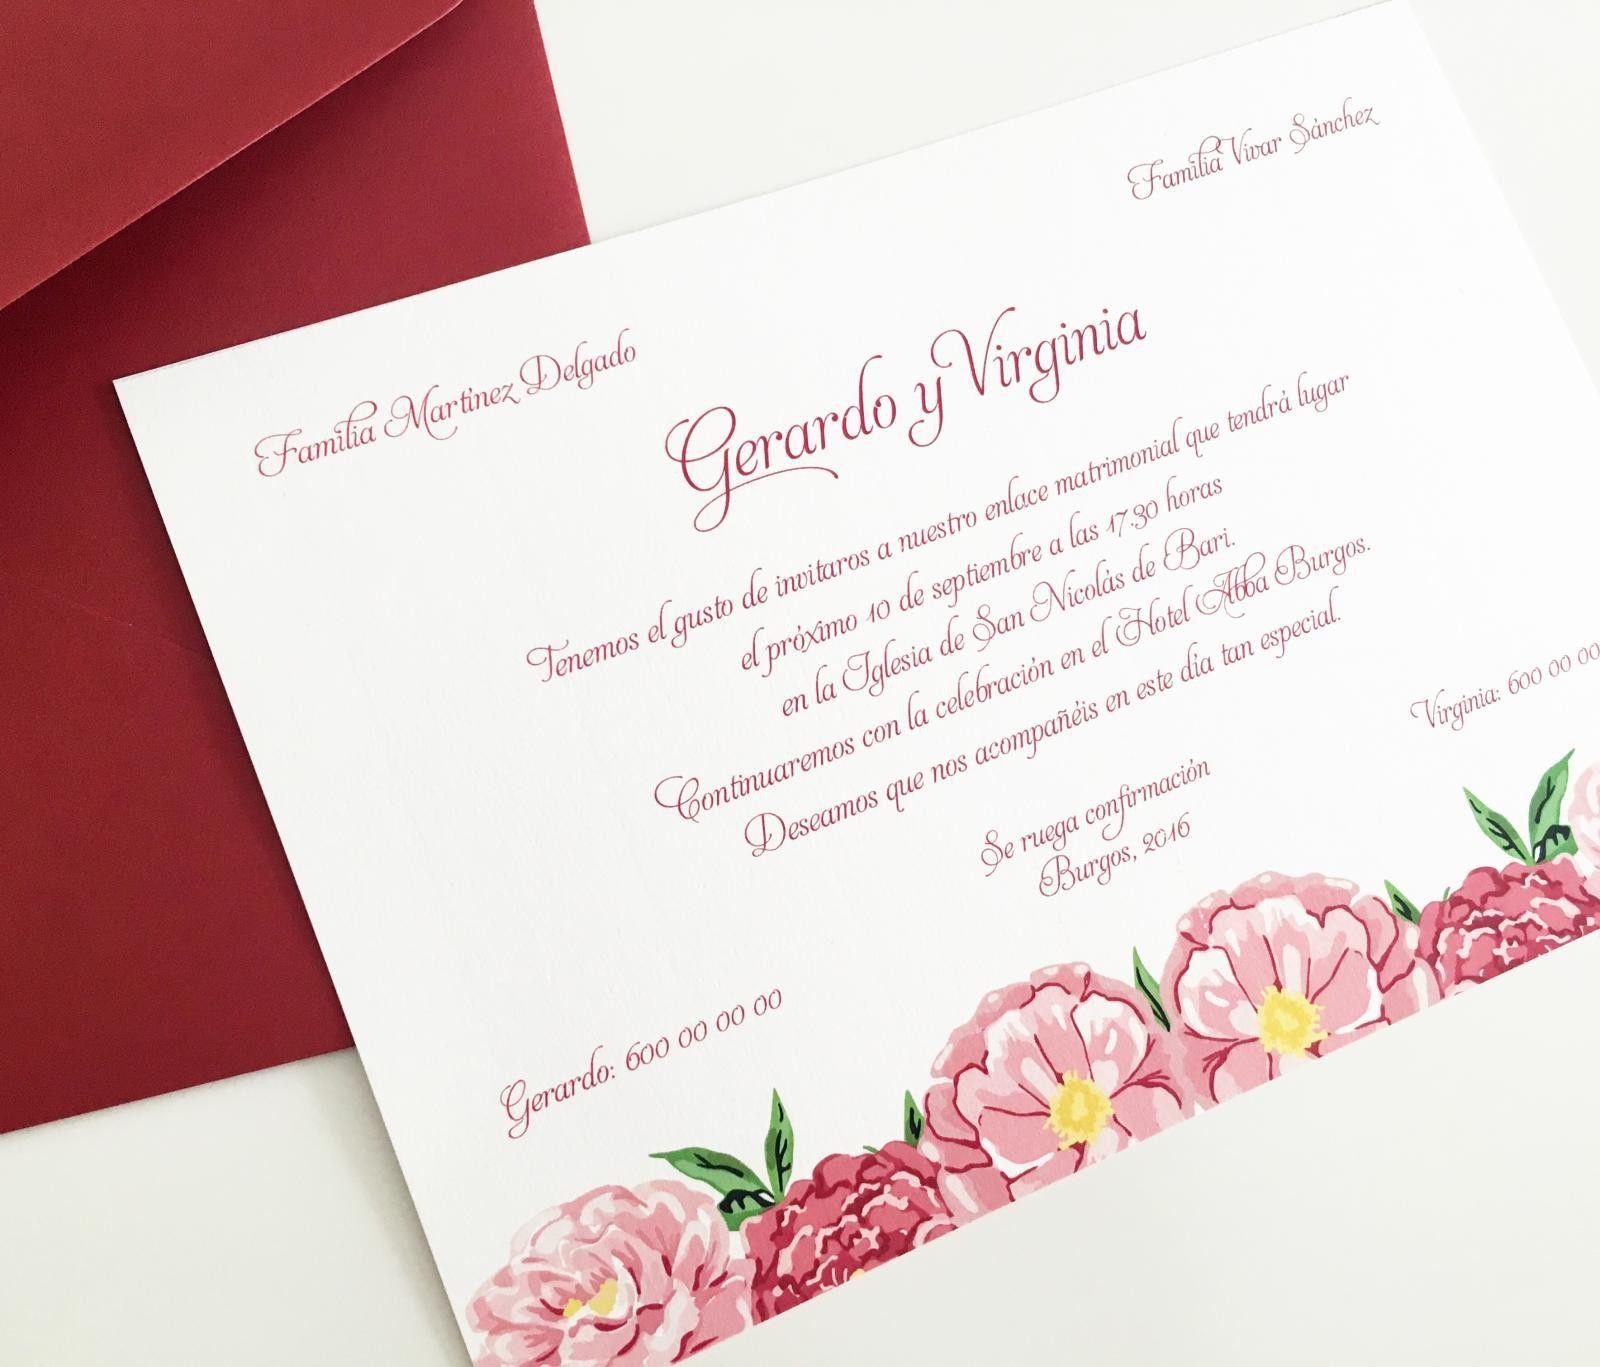 Invitaci³n Fleur Classique con flores rosas ilustradas y sobre